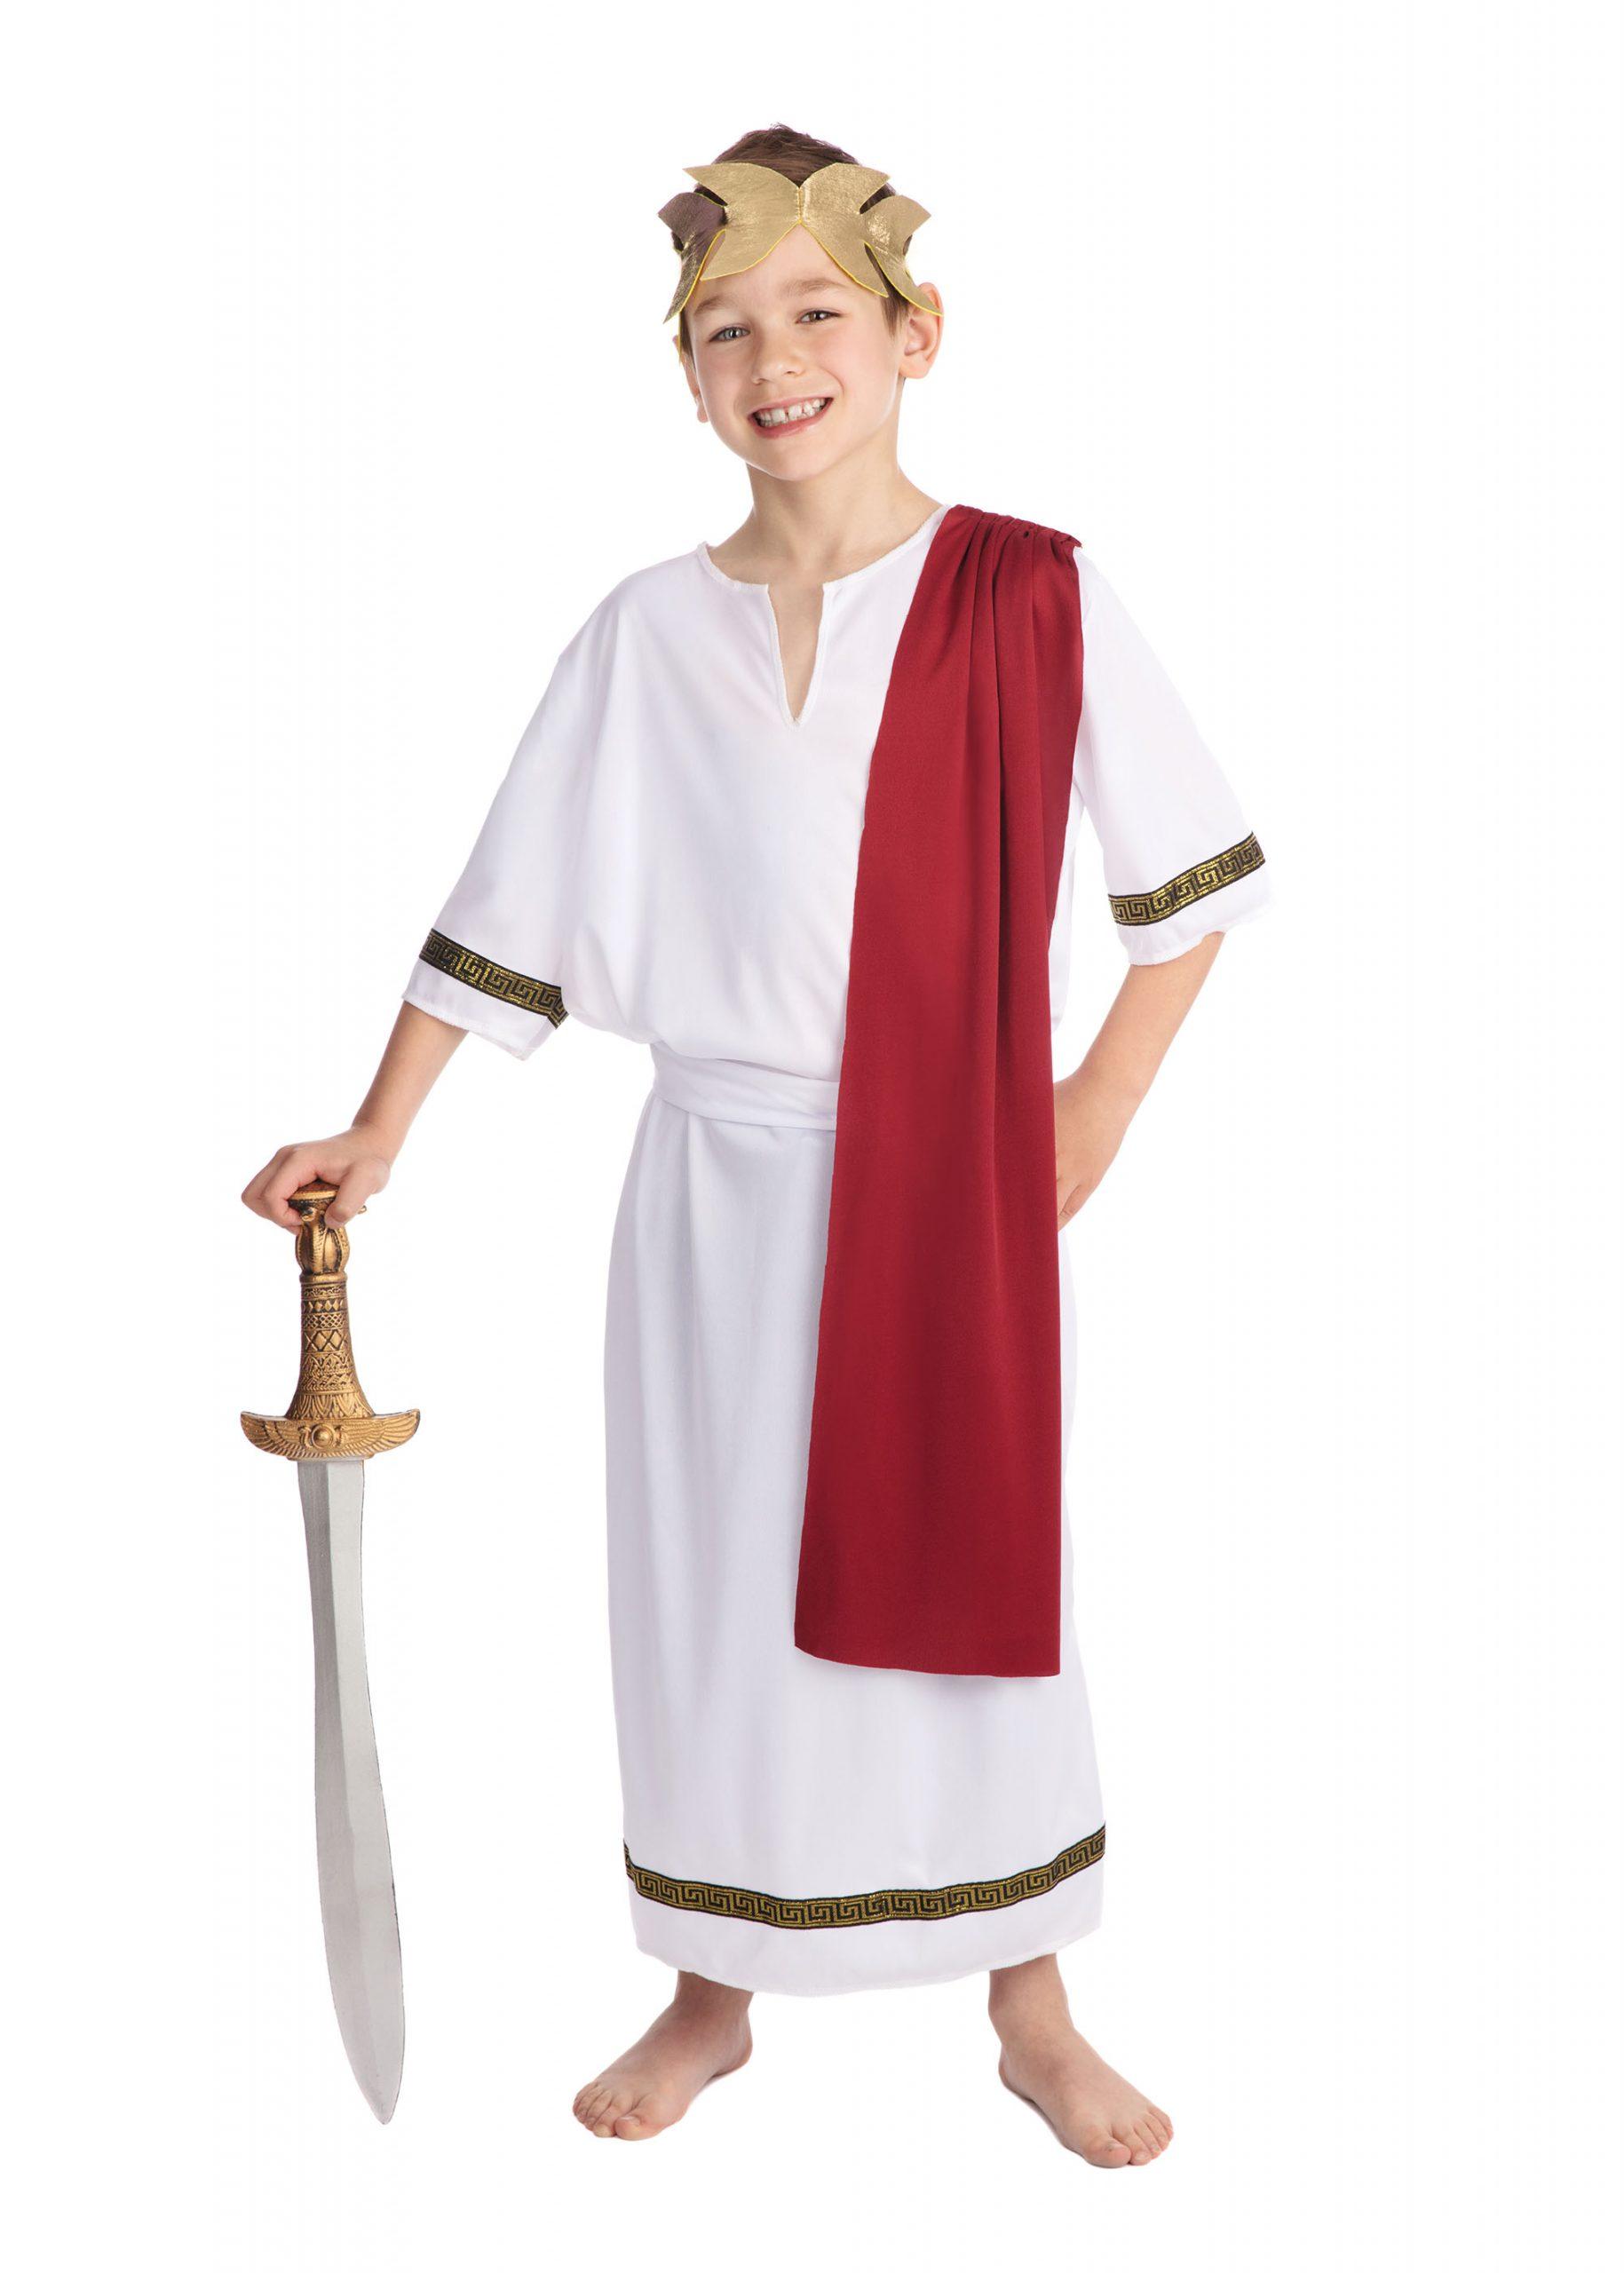 BOYS/HISTORY/ROMAN EMPEROR